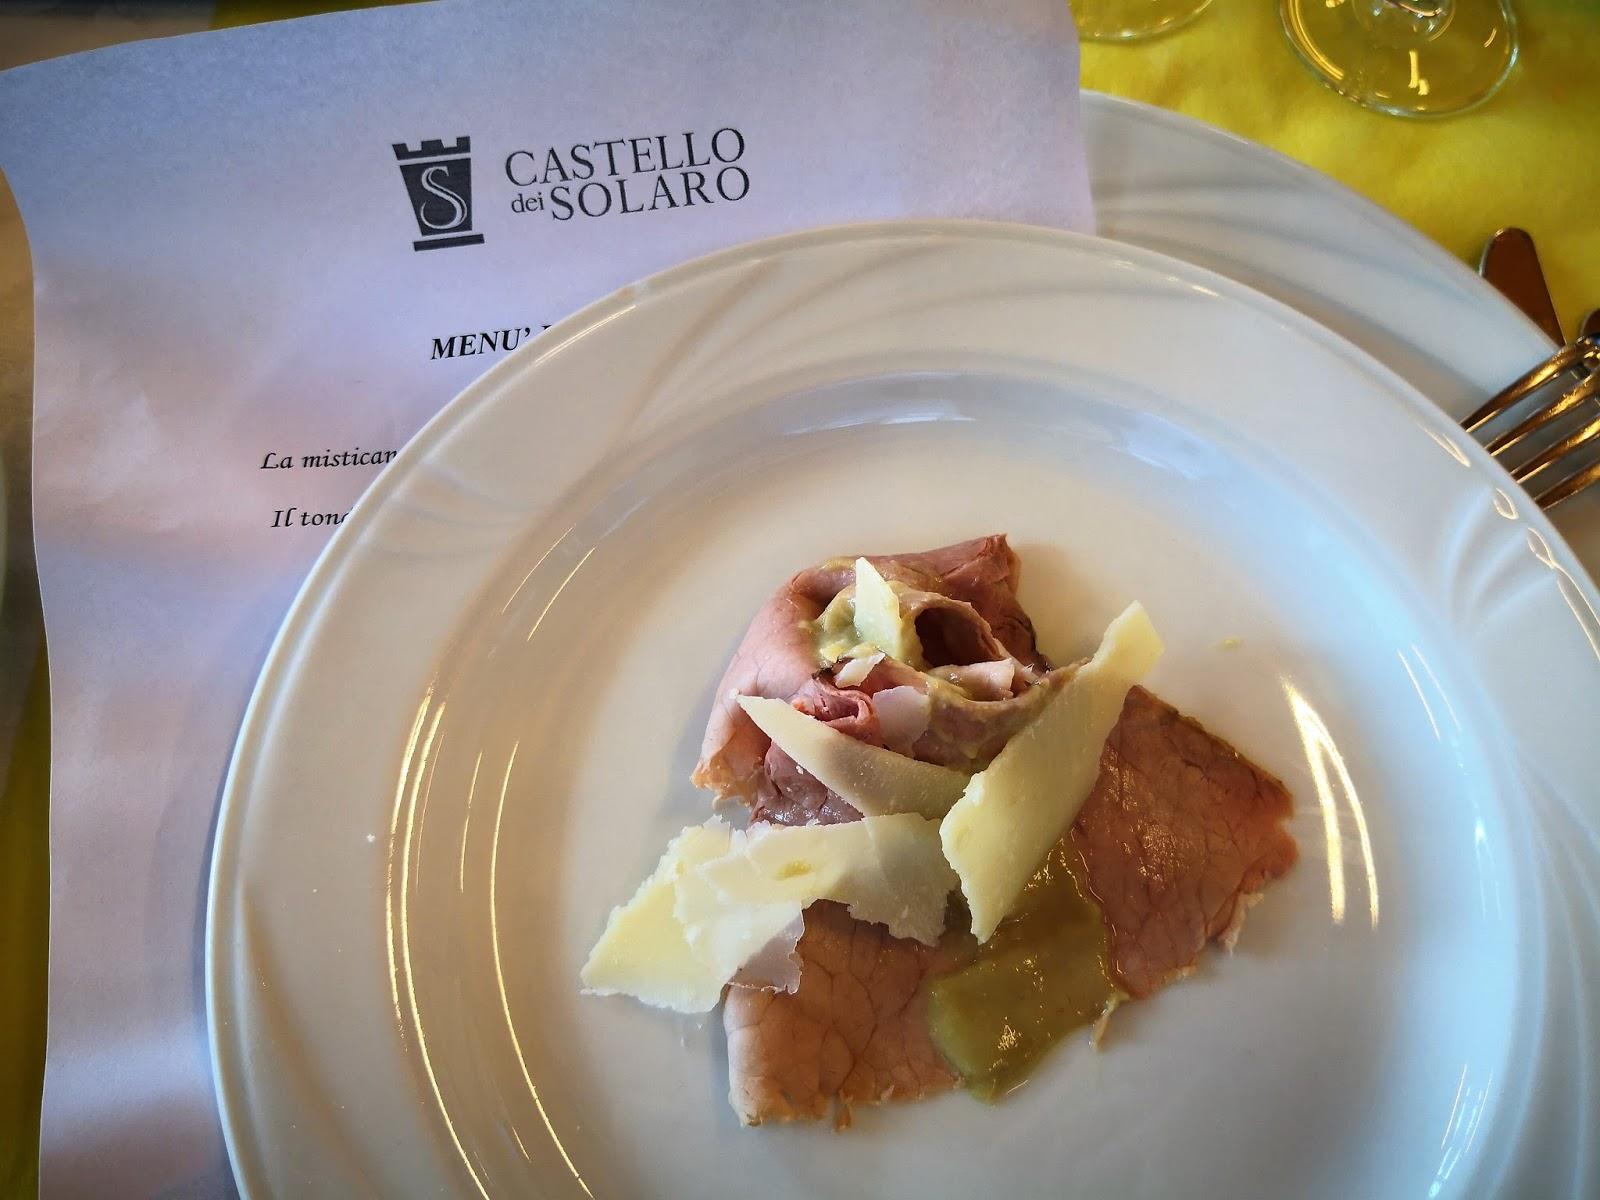 Il tondino di vitello, cotto a bassa temperatura, crema di carciofi  e scaglie di Parmigiano d.o.p.